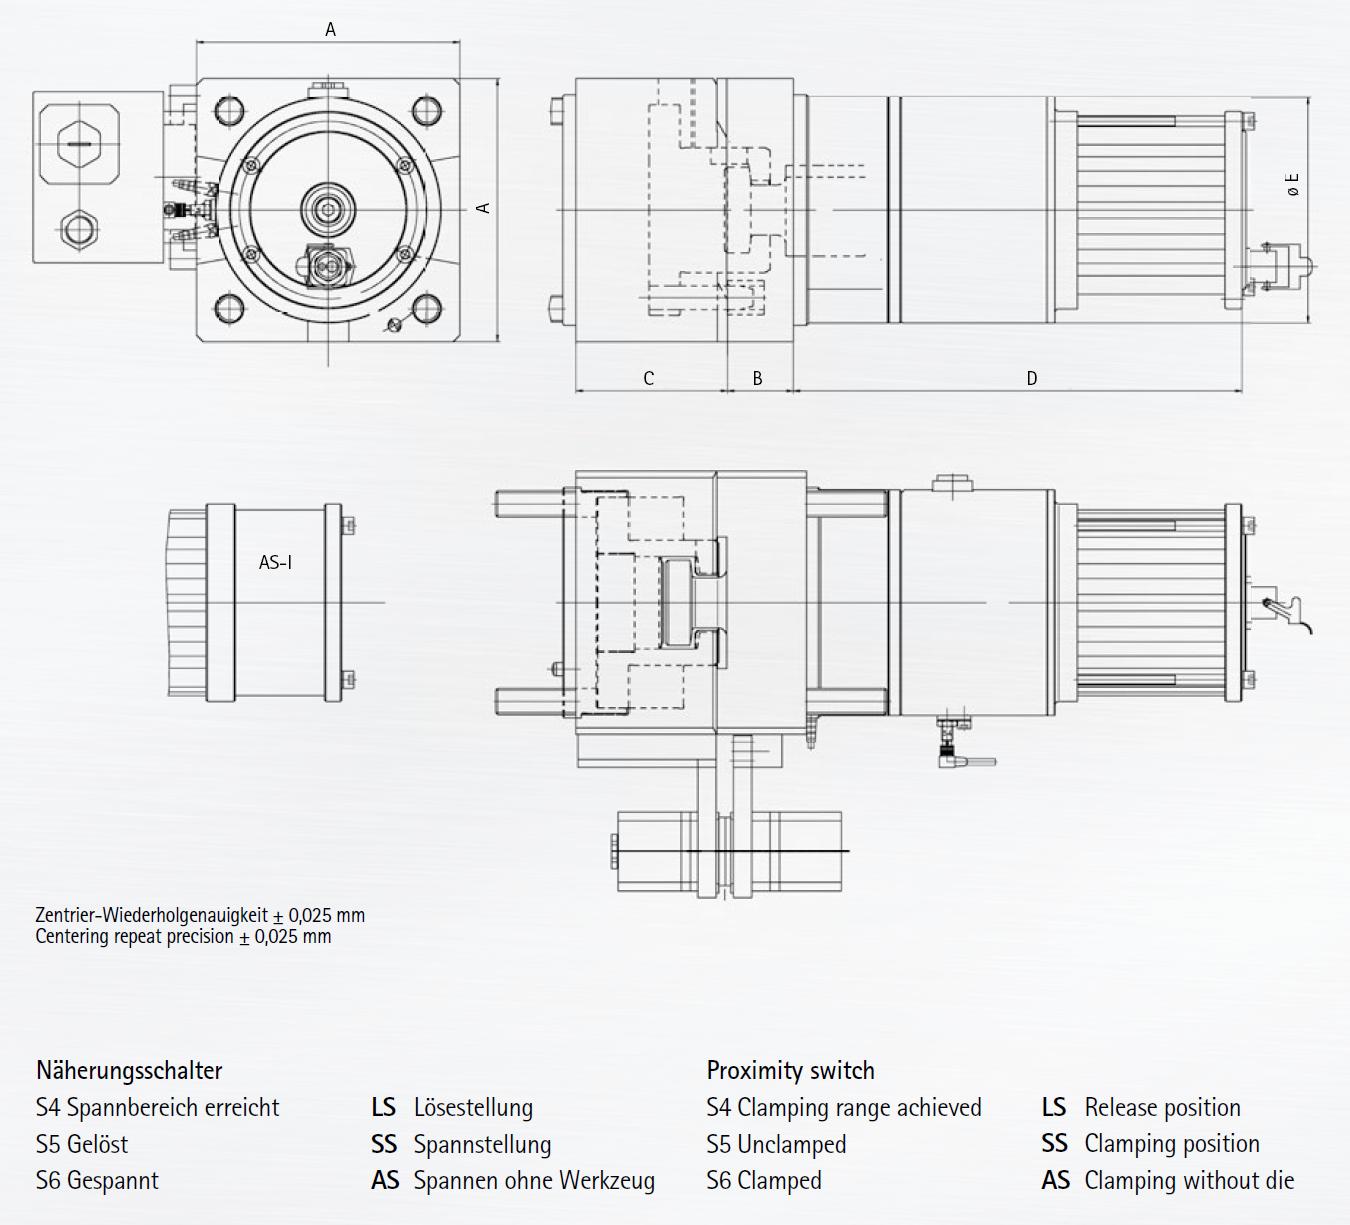 Gripper Mechanical Design The Electro-mechanical Gripper